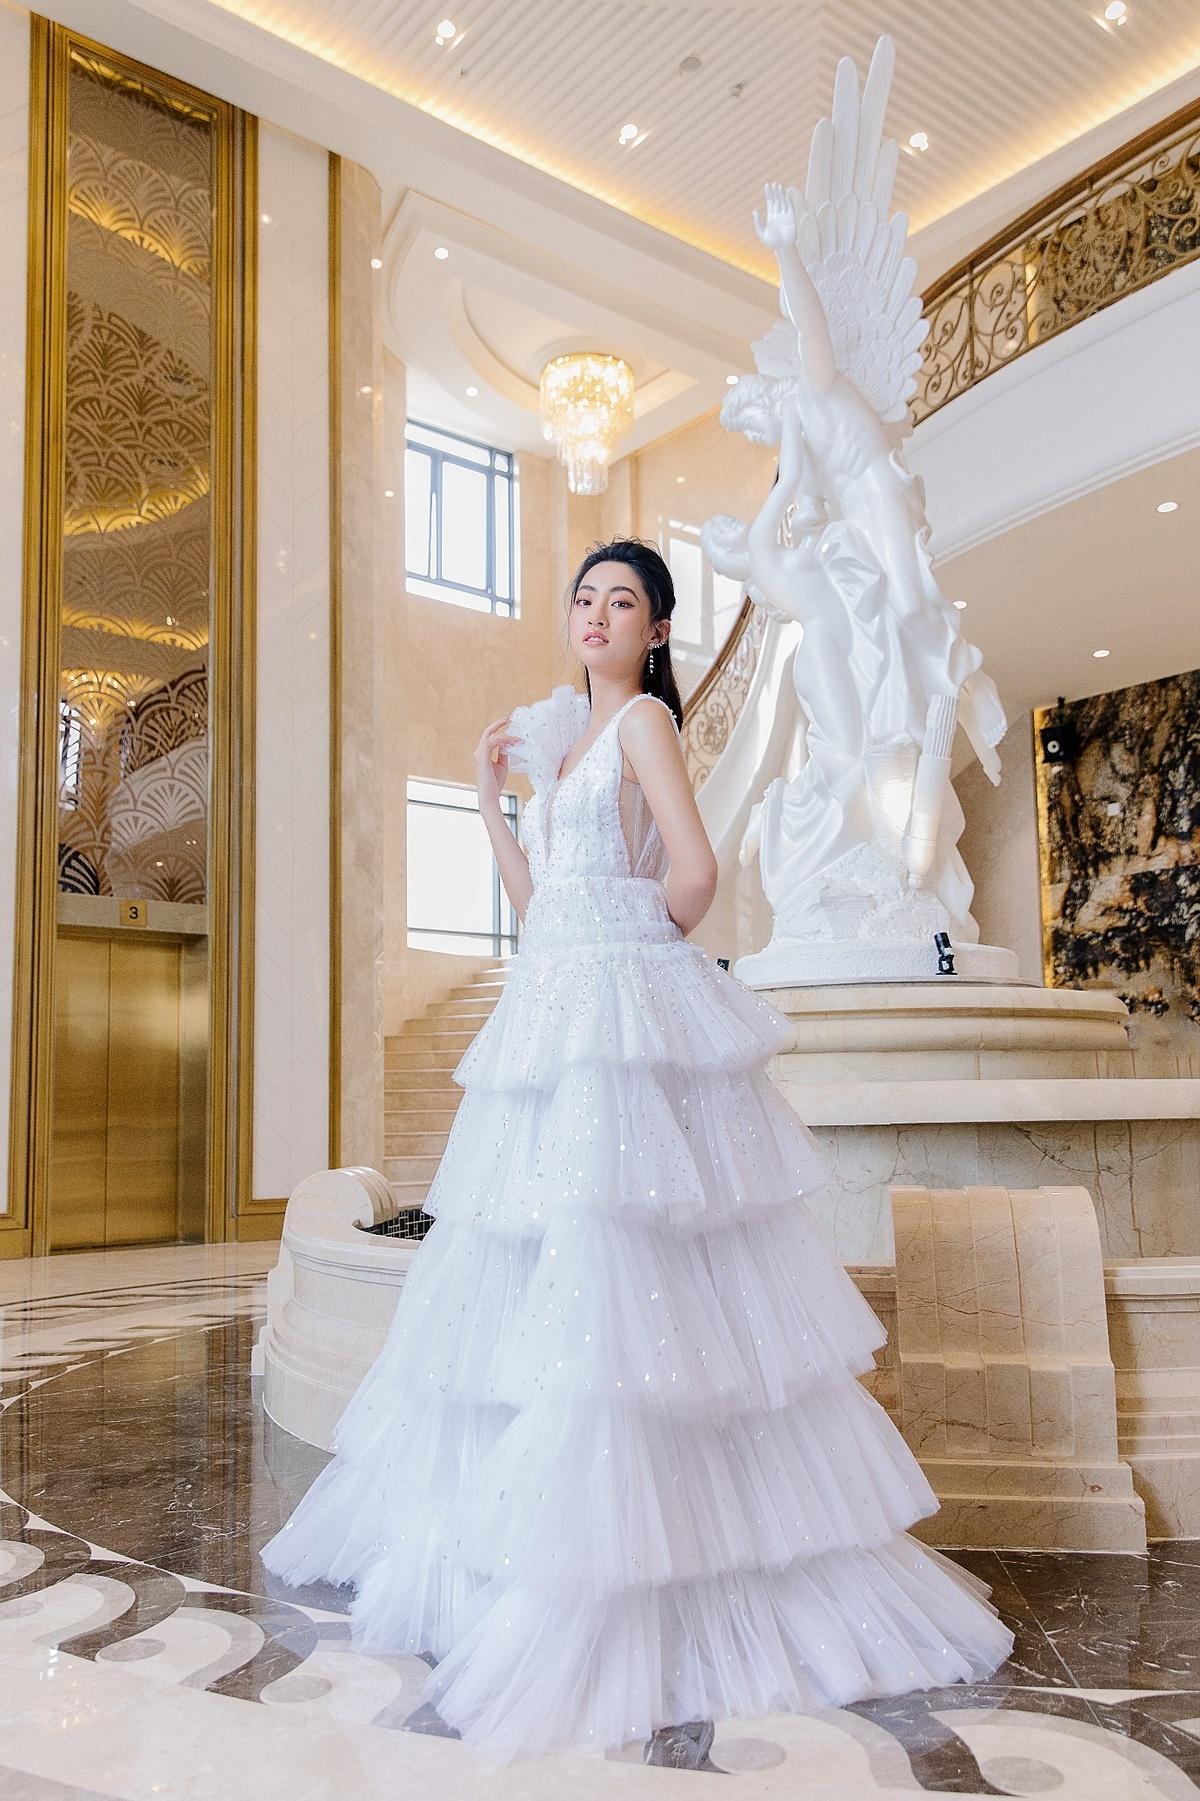 Những chiếc váy ngọt ngào, lộng lẫy phù hợp với không gian cưới theo lối kiến trúc cầu kỳ, tráng lệ